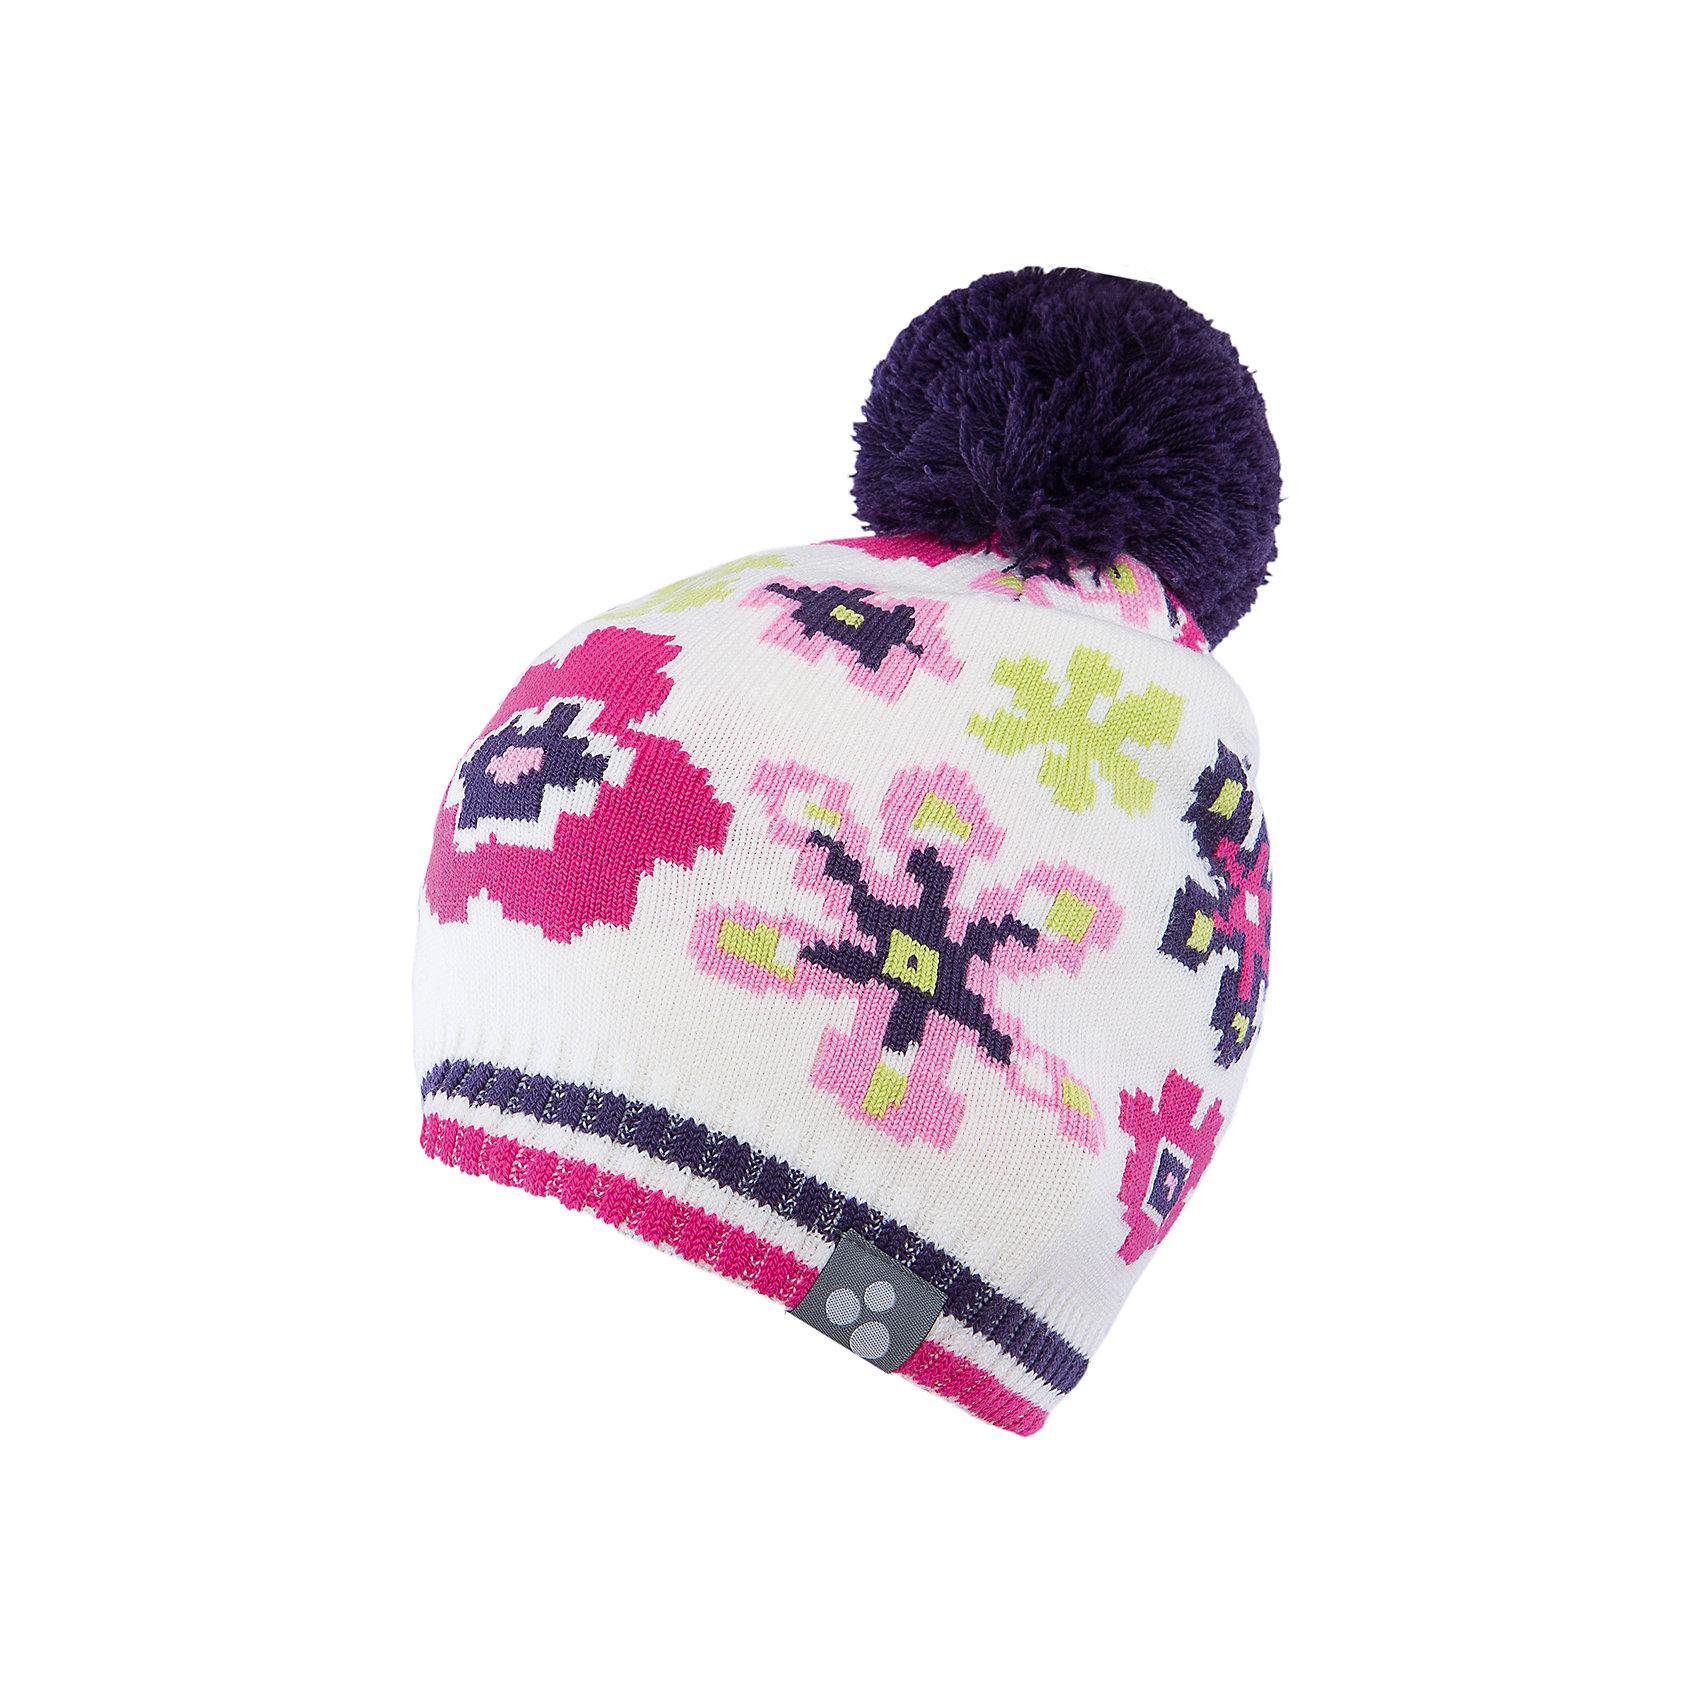 Шапка для девочки HuppaГоловные уборы<br>Яркая вязаная шапка Huppa Floral изготовлена из шерсти мериноса и акрила и способна согреть даже при сильном морозе. Шапка украшена ярким цветочным орнаментом, помпоном. Снизу вы найдете светоотражательные элементы. Превосходный выбор для юных модниц и модников!<br><br>Дополнительная информация:<br>Цвет: белый<br>Материал: 50% шерсть мериноса, 50% акрил<br><br><br>Шапку Huppa Floral можно приобрести в нашем интернет-магазине.<br><br>Ширина мм: 89<br>Глубина мм: 117<br>Высота мм: 44<br>Вес г: 155<br>Цвет: белый<br>Возраст от месяцев: 132<br>Возраст до месяцев: 144<br>Пол: Женский<br>Возраст: Детский<br>Размер: 57,55-57,51-53,47-49<br>SKU: 4923565